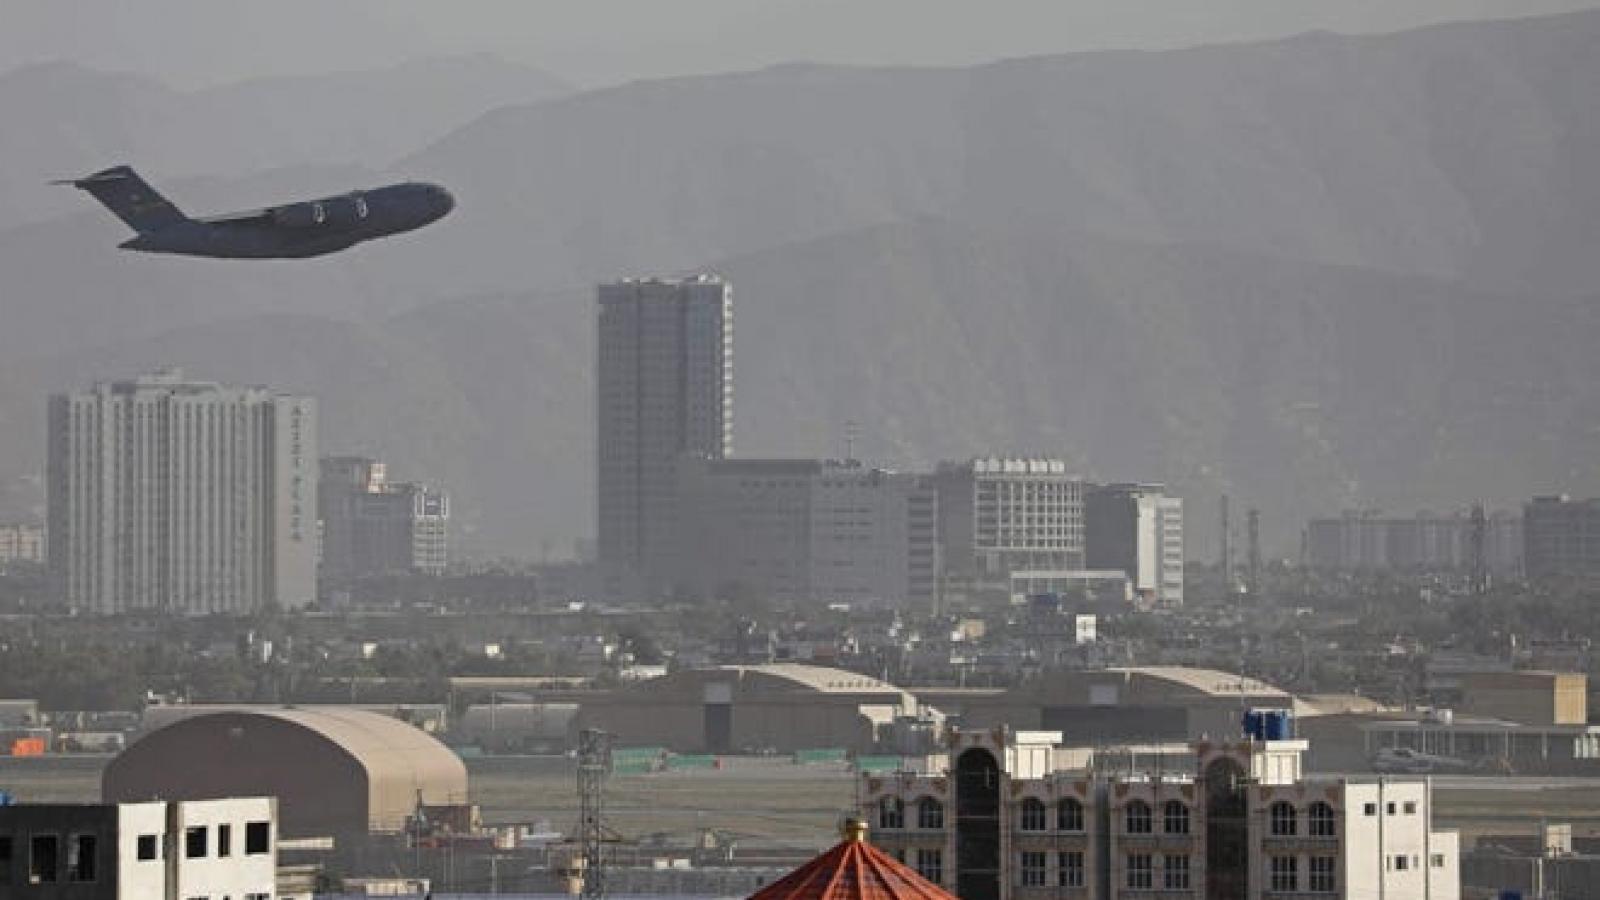 Máy bay không người lái của Mỹ có thể đã tiêu diệt kẻ lên kế hoạch đánh bom sân bay Kabul